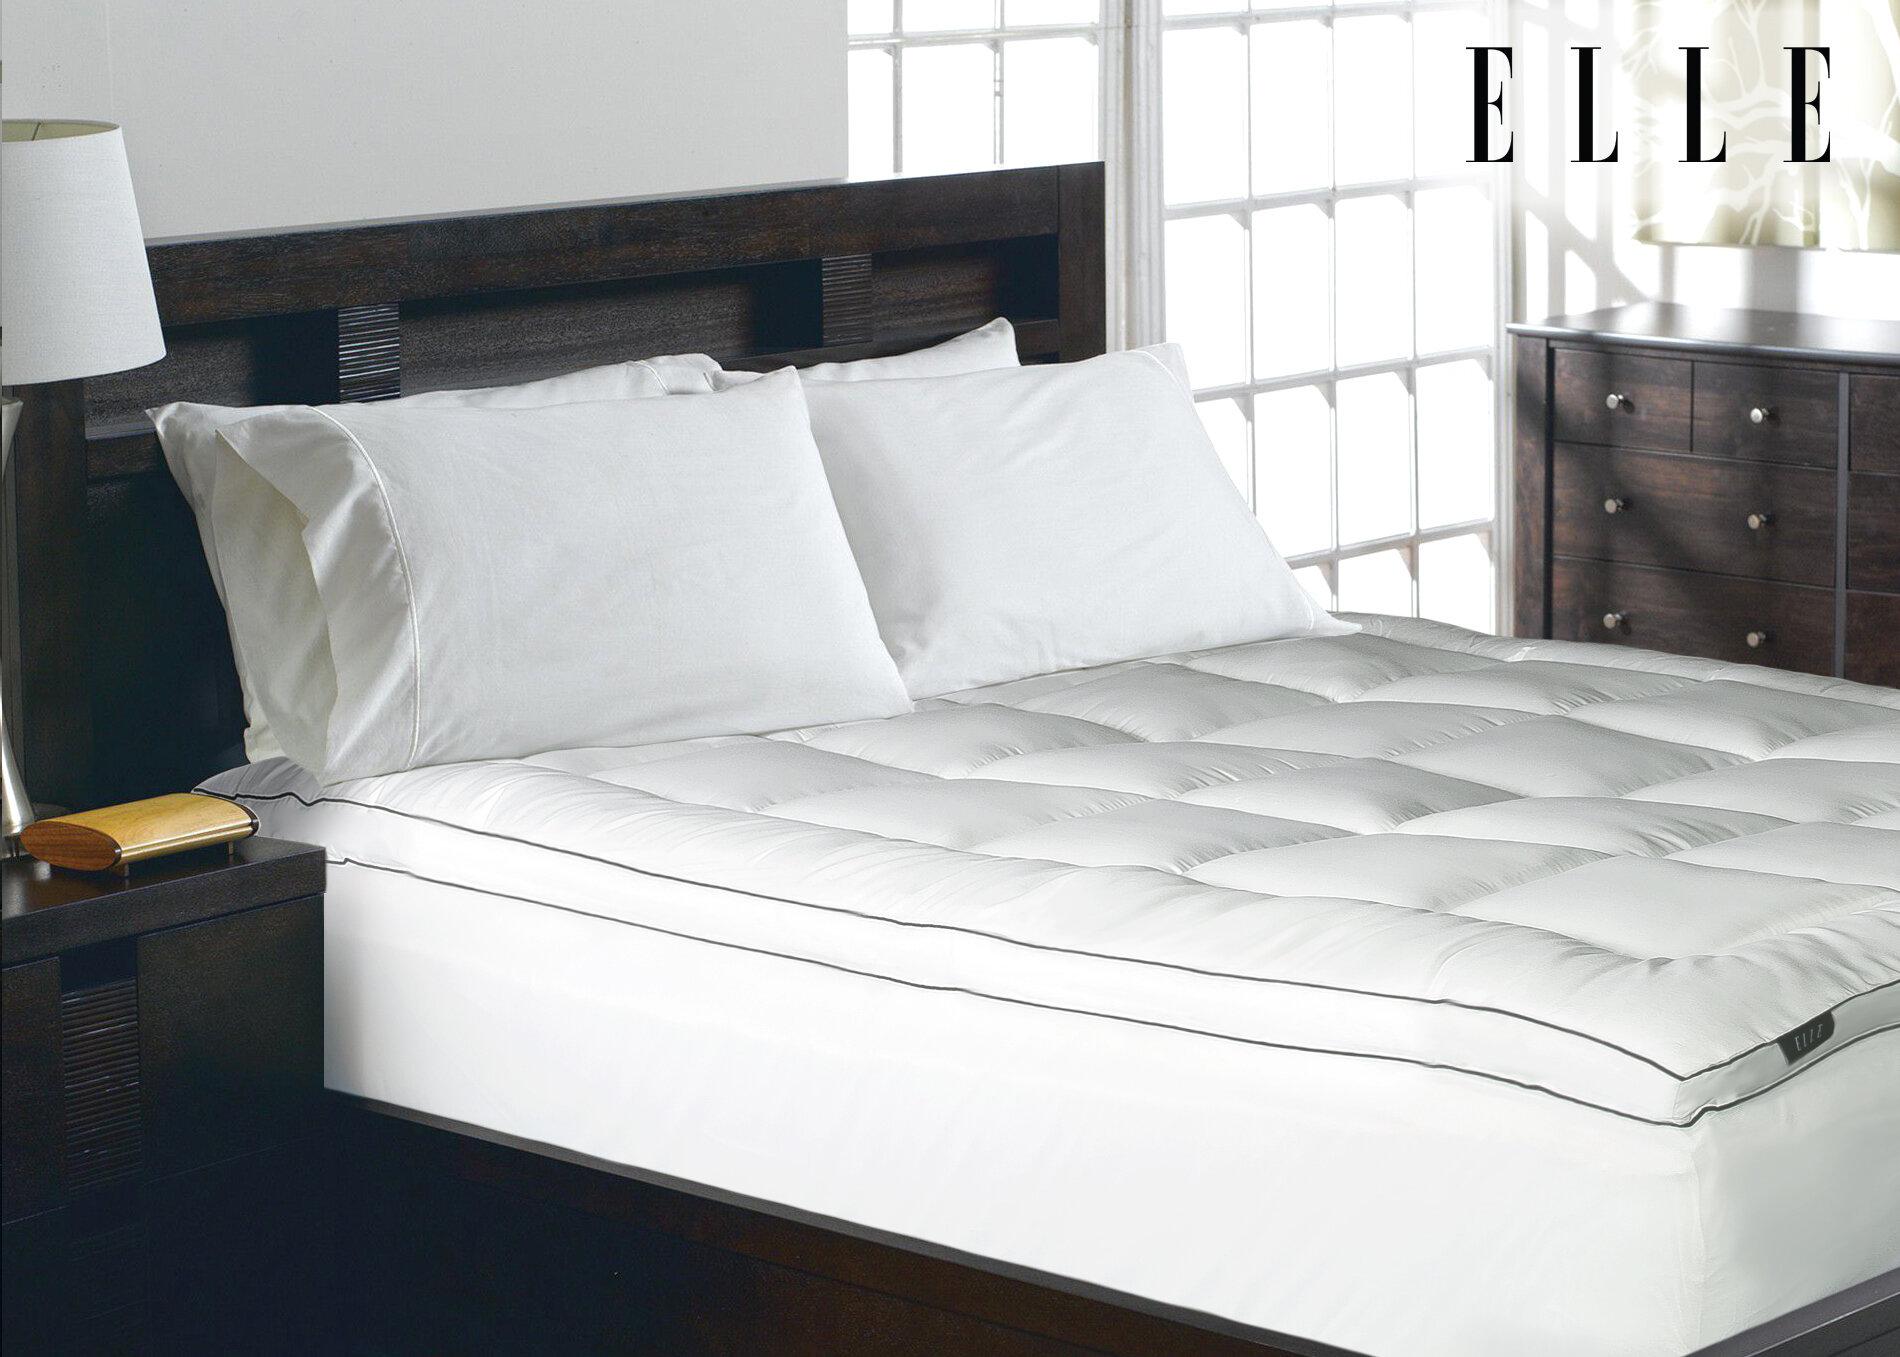 elle decor 2 polyester mattress pad reviews wayfair